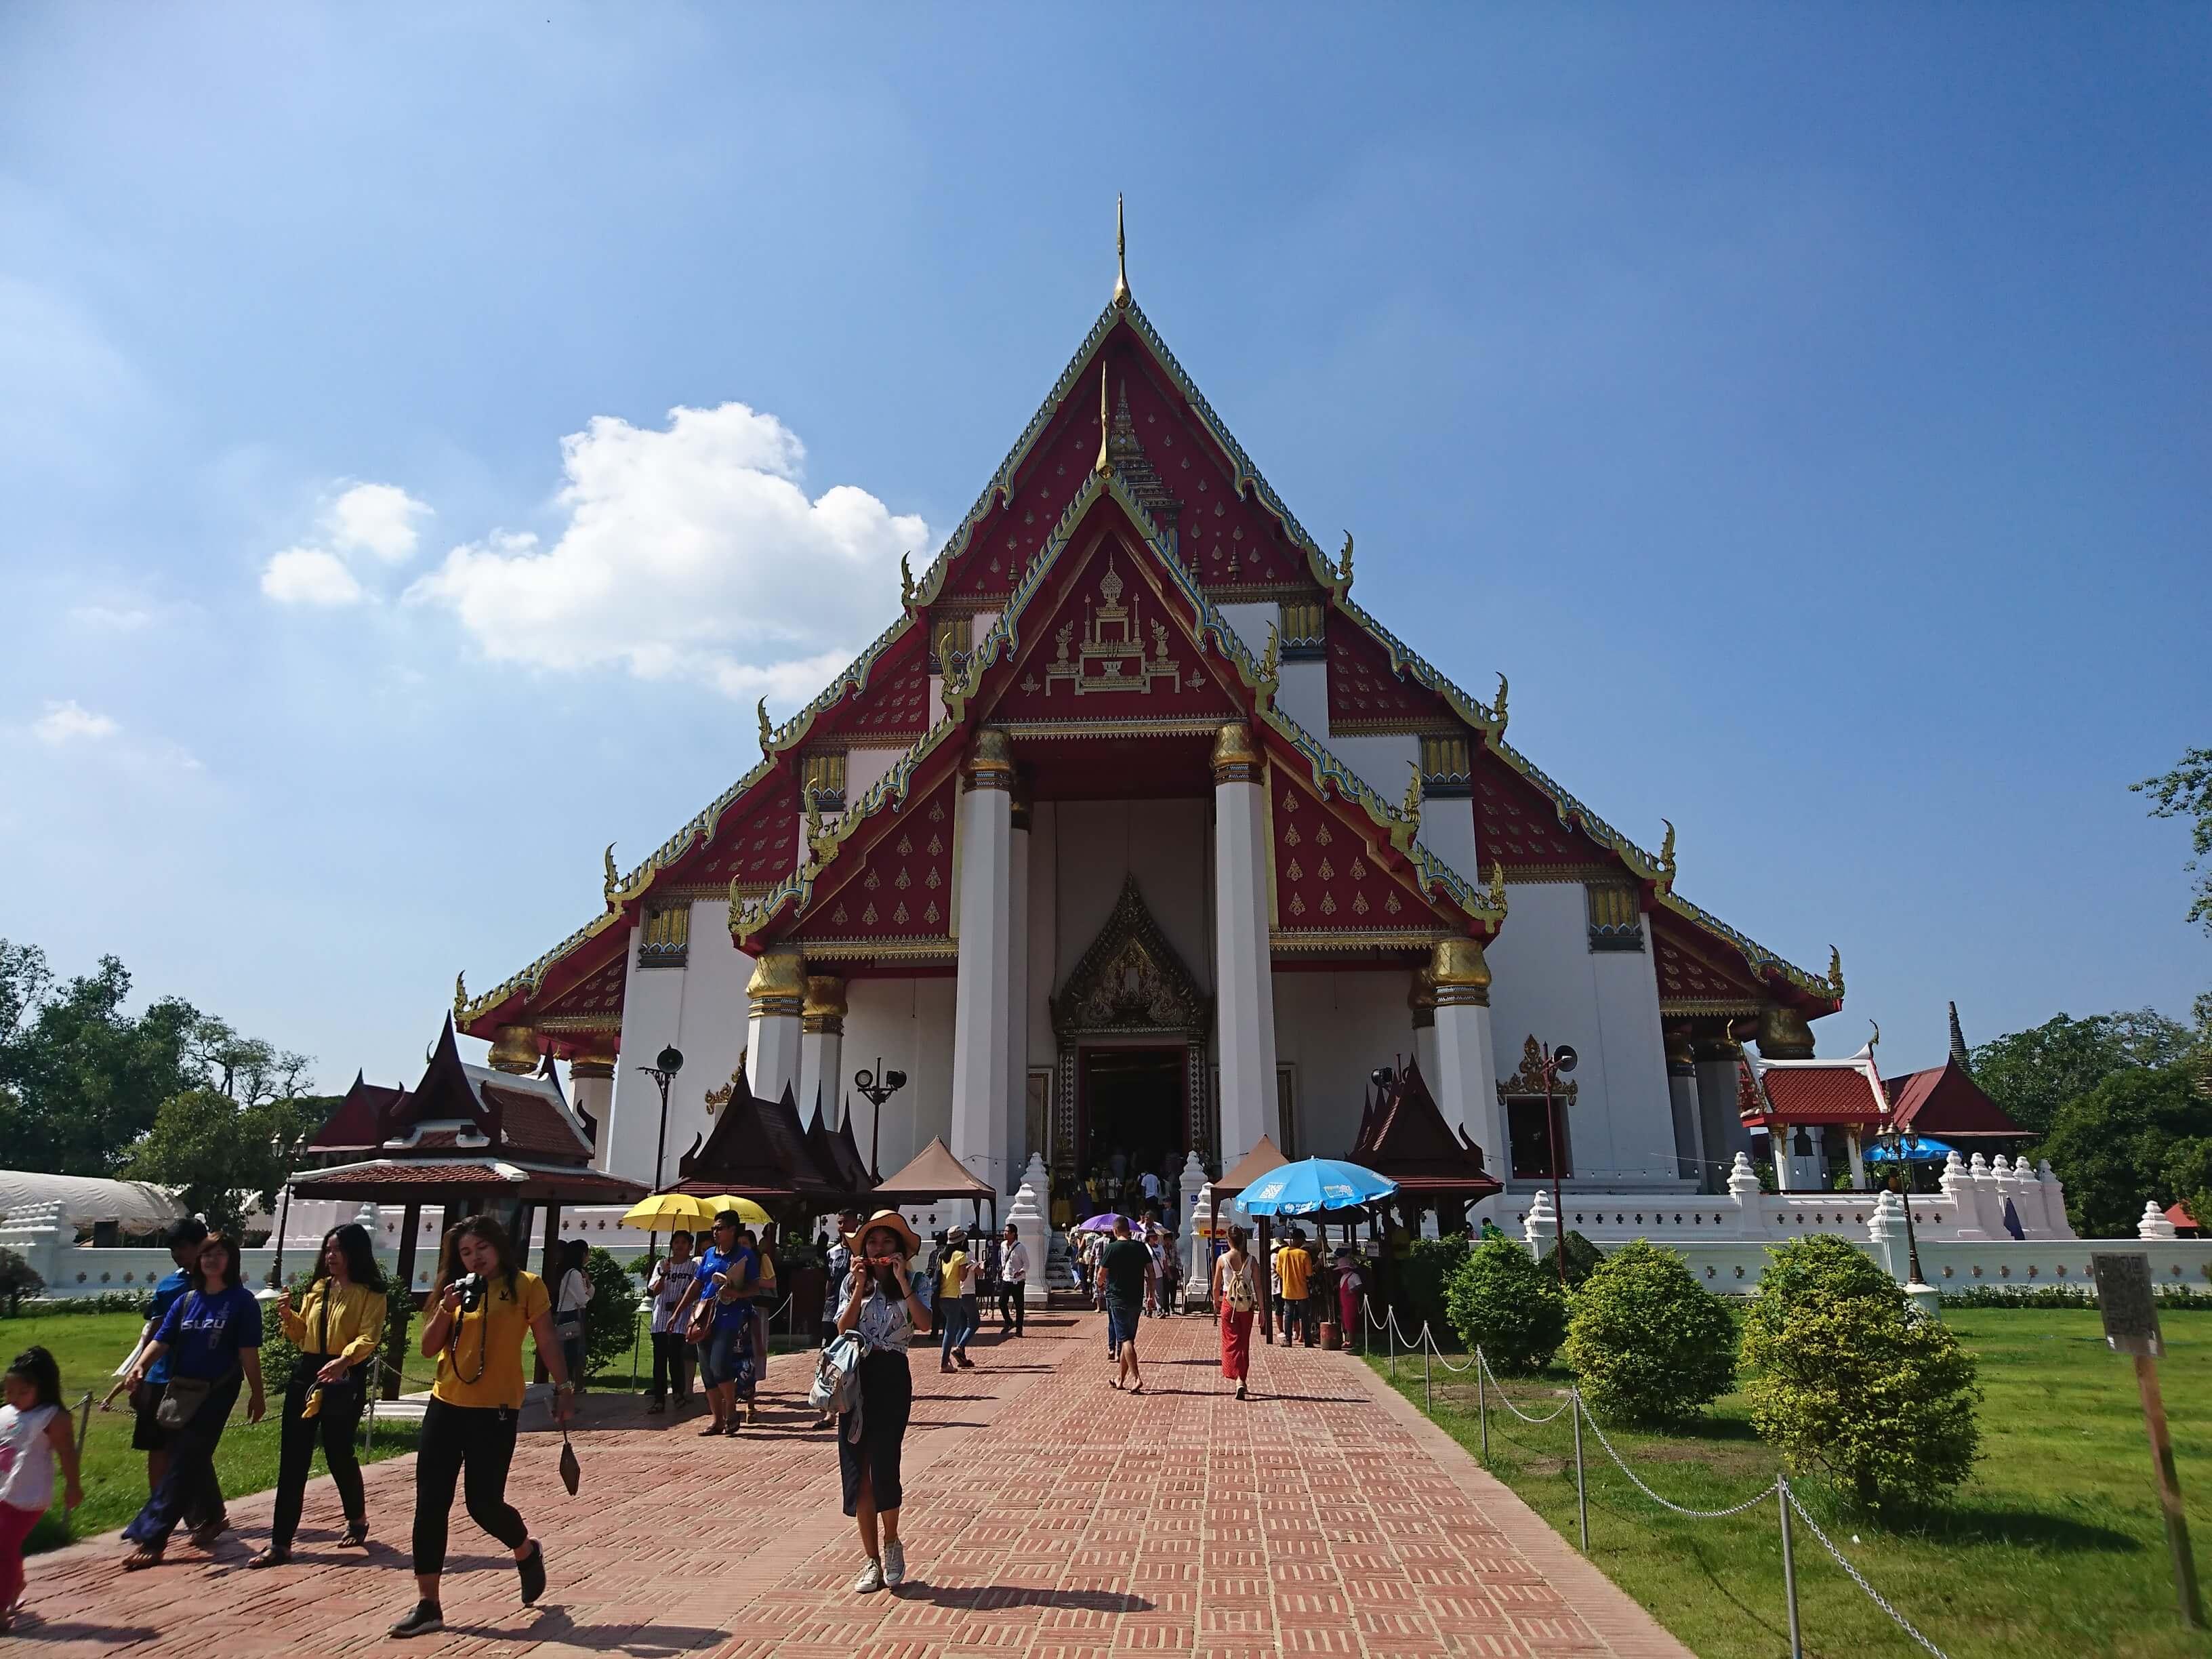 ヴィハーンプラモンコンボピット(Wihan Phra Mongkhon Bophit) / アユタヤで最も参拝者が多く、最大クラスの仏像が安置された礼拝堂